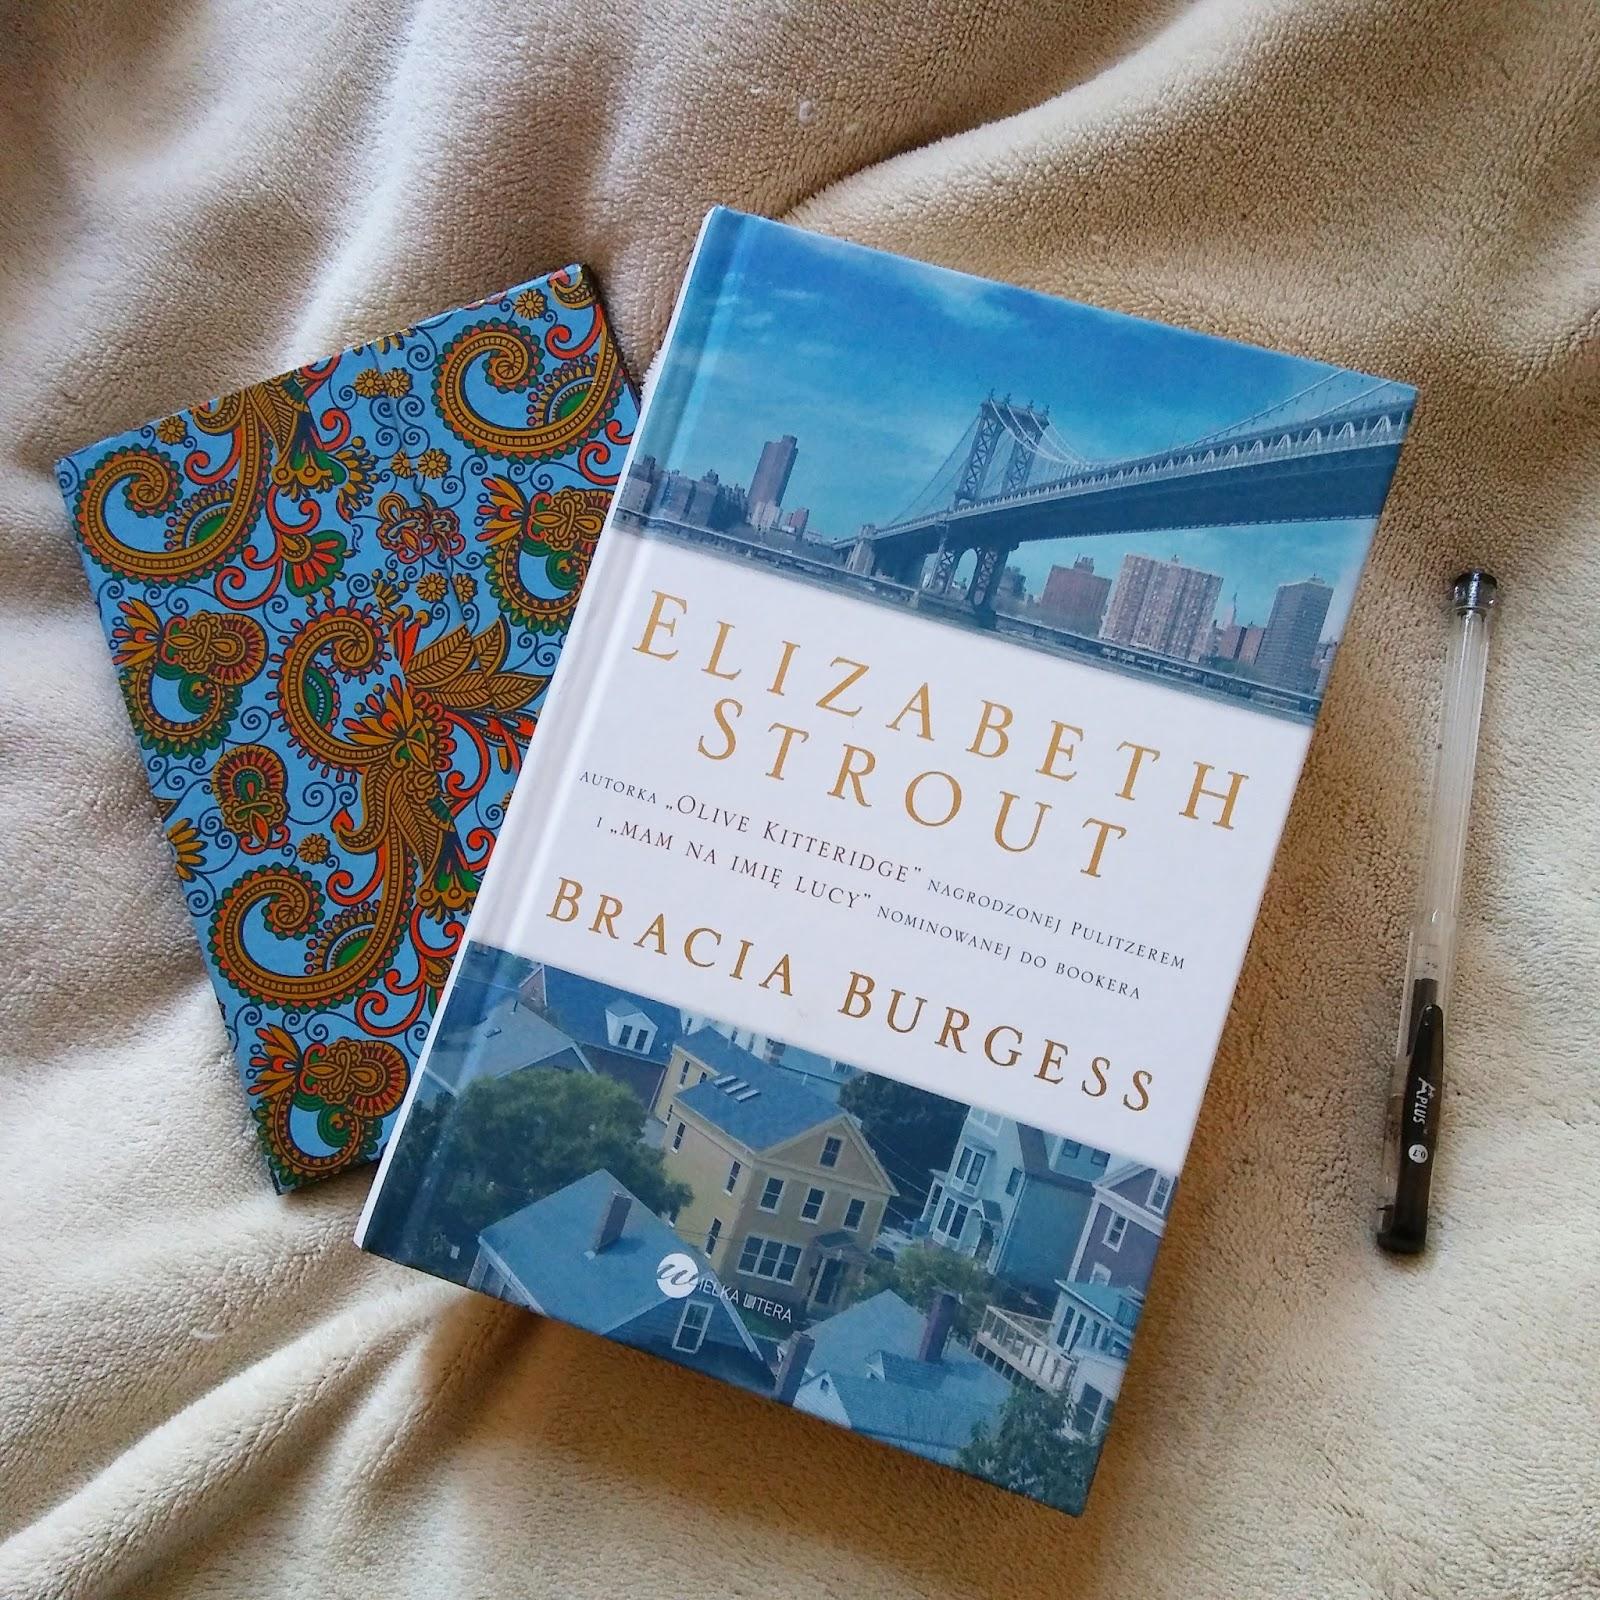 Nikt nikogo nie zna – recenzja książki Elizabeth Strout <i>Bracia Burgess</i>